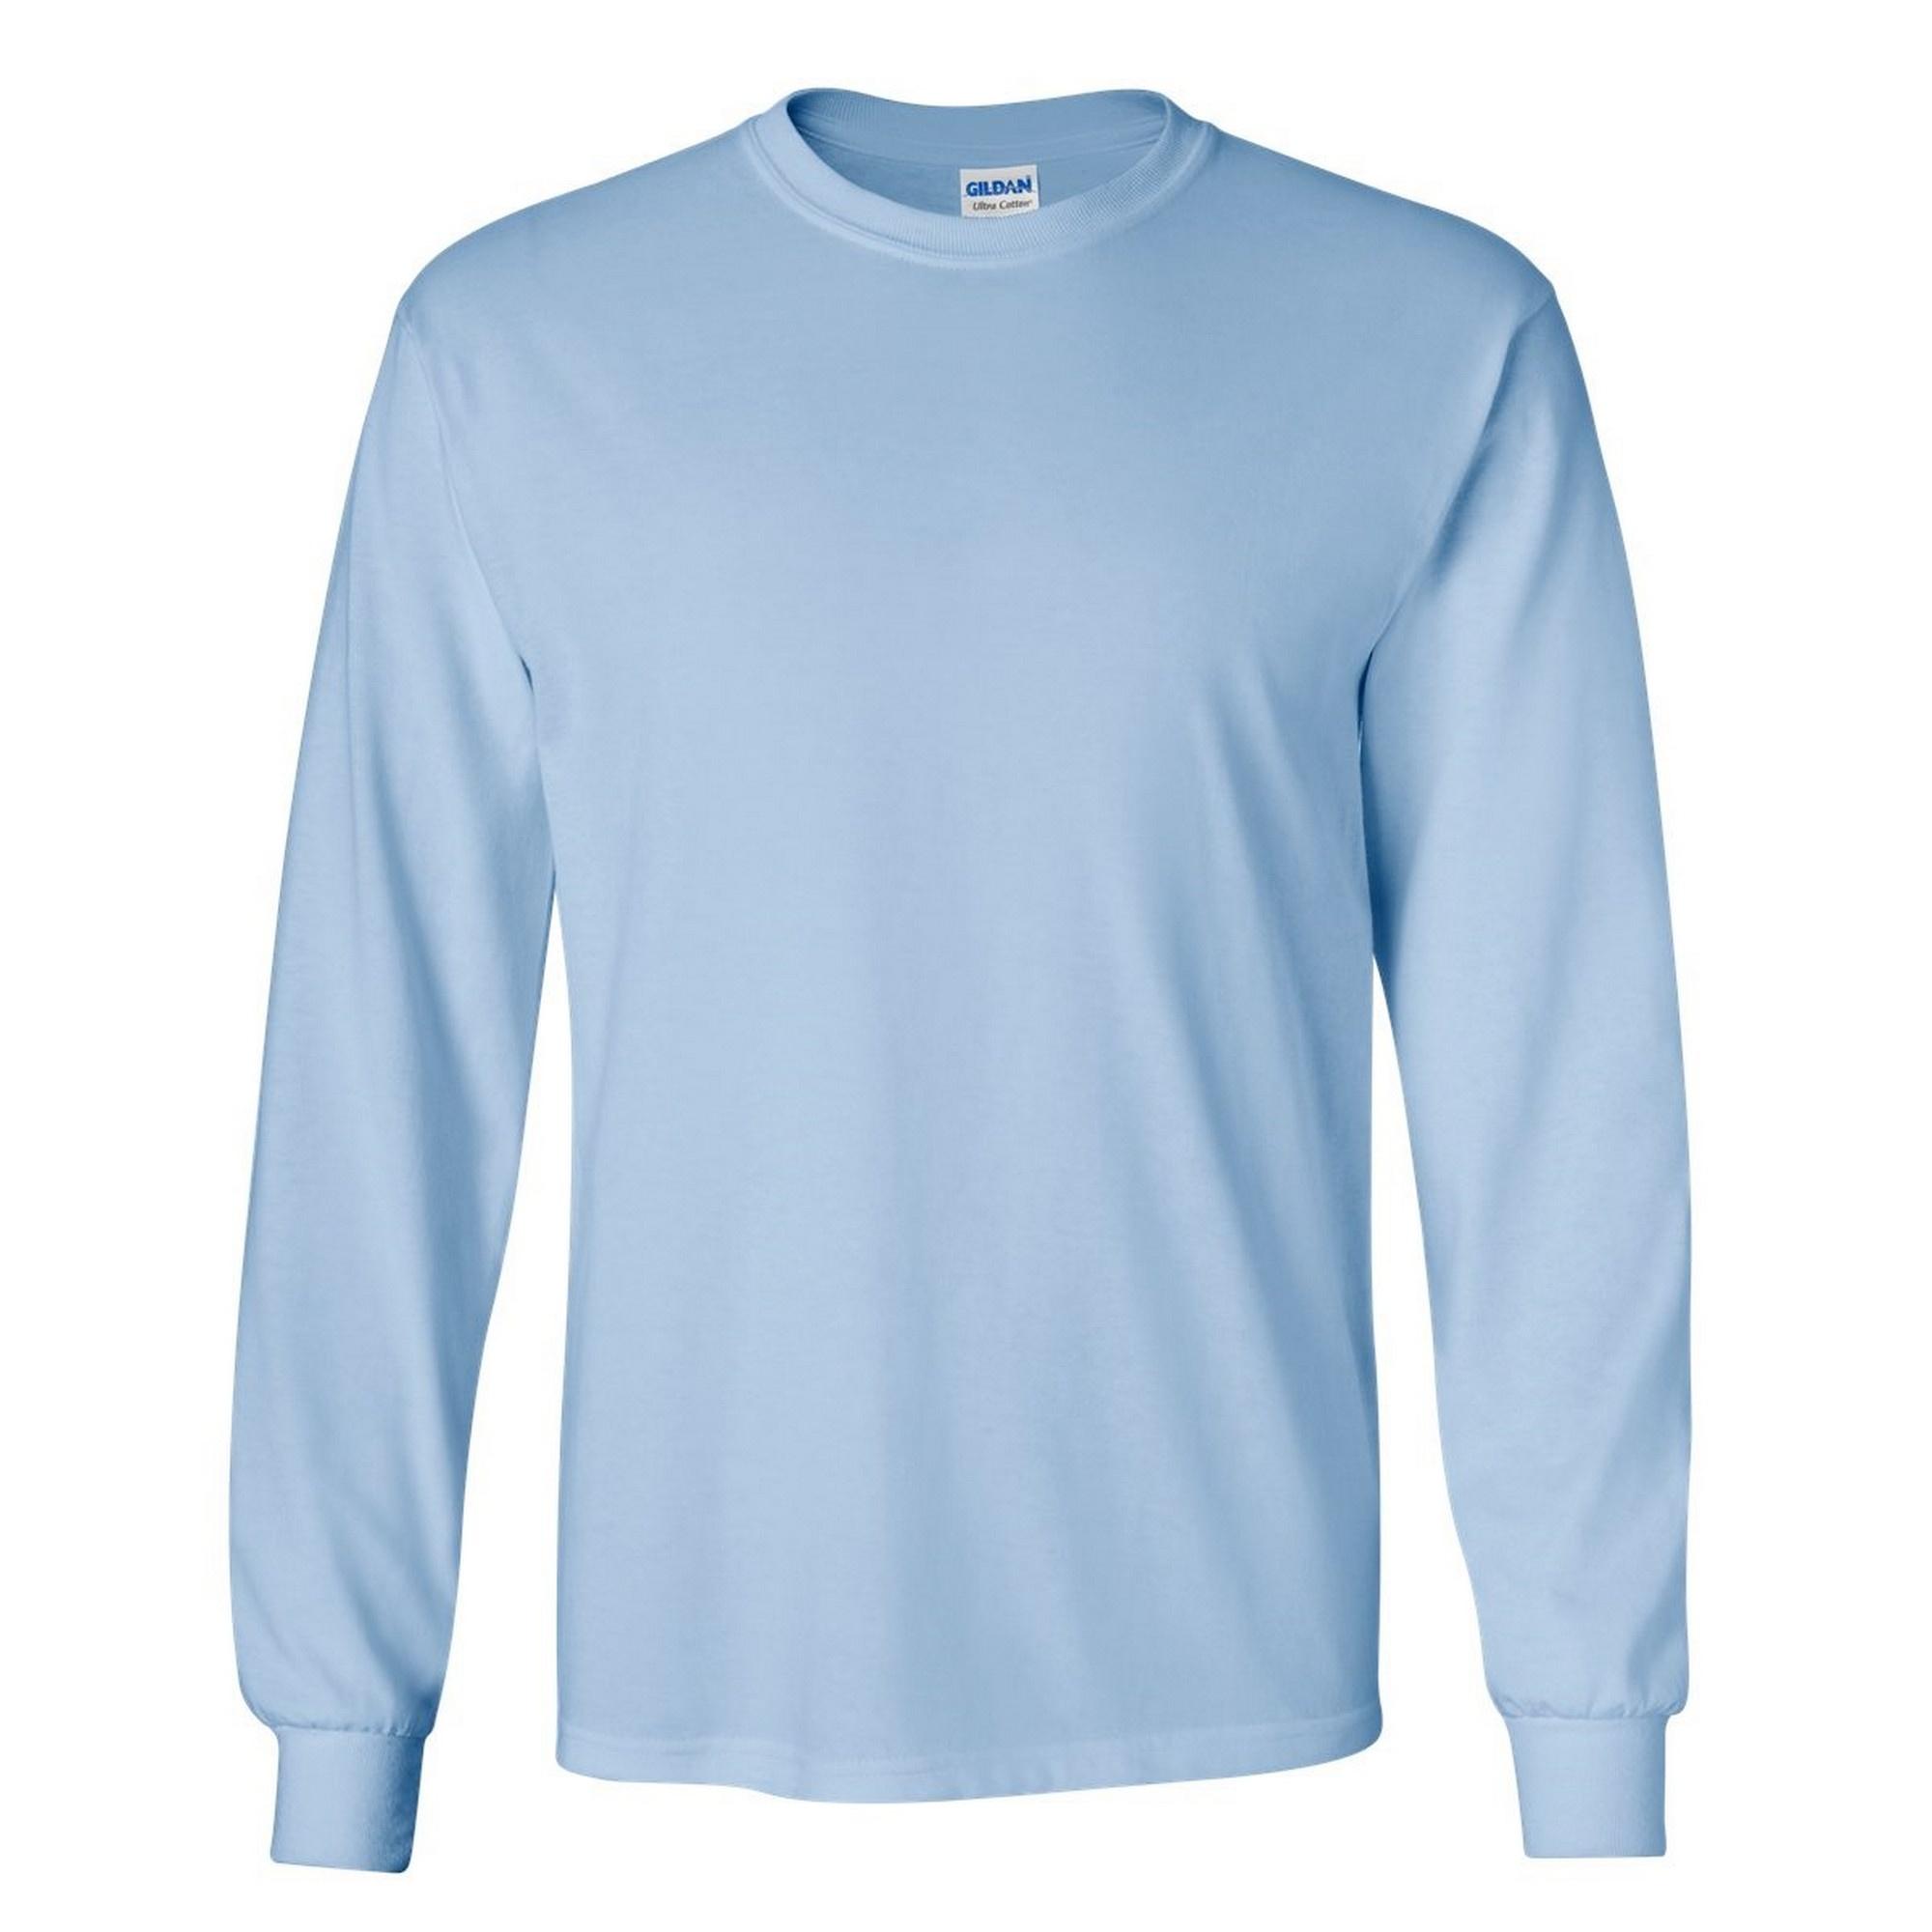 miniature 71 - T-shirt-uni-a-manches-longues-Gildan-100-coton-pour-homme-S-2XL-BC477